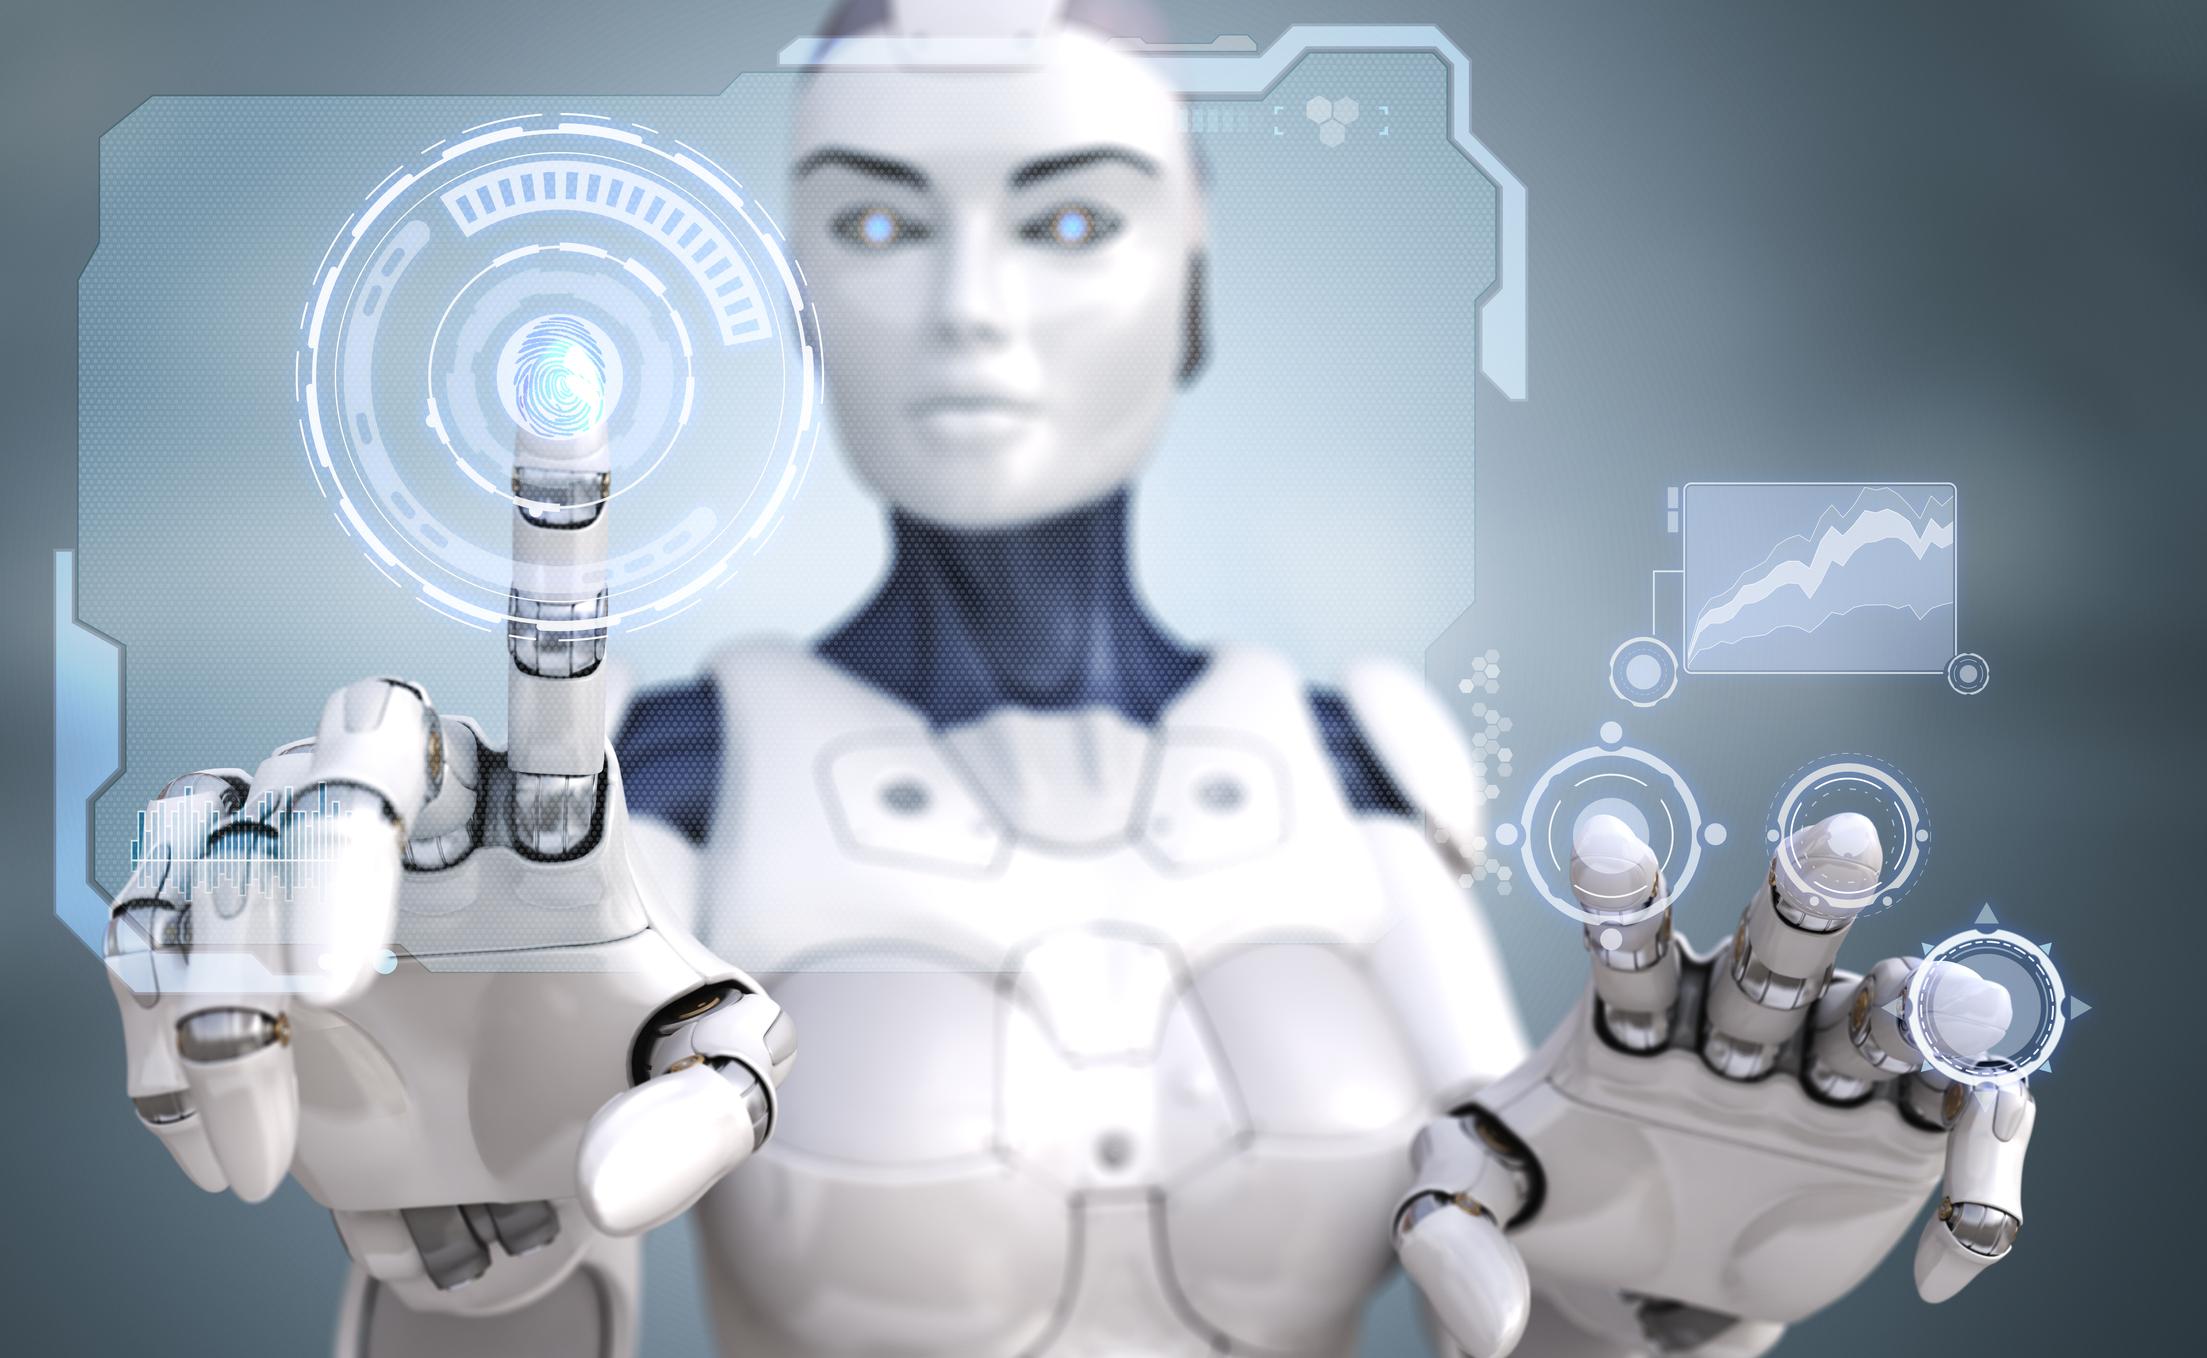 Standards-for-robot-ethics.jpg